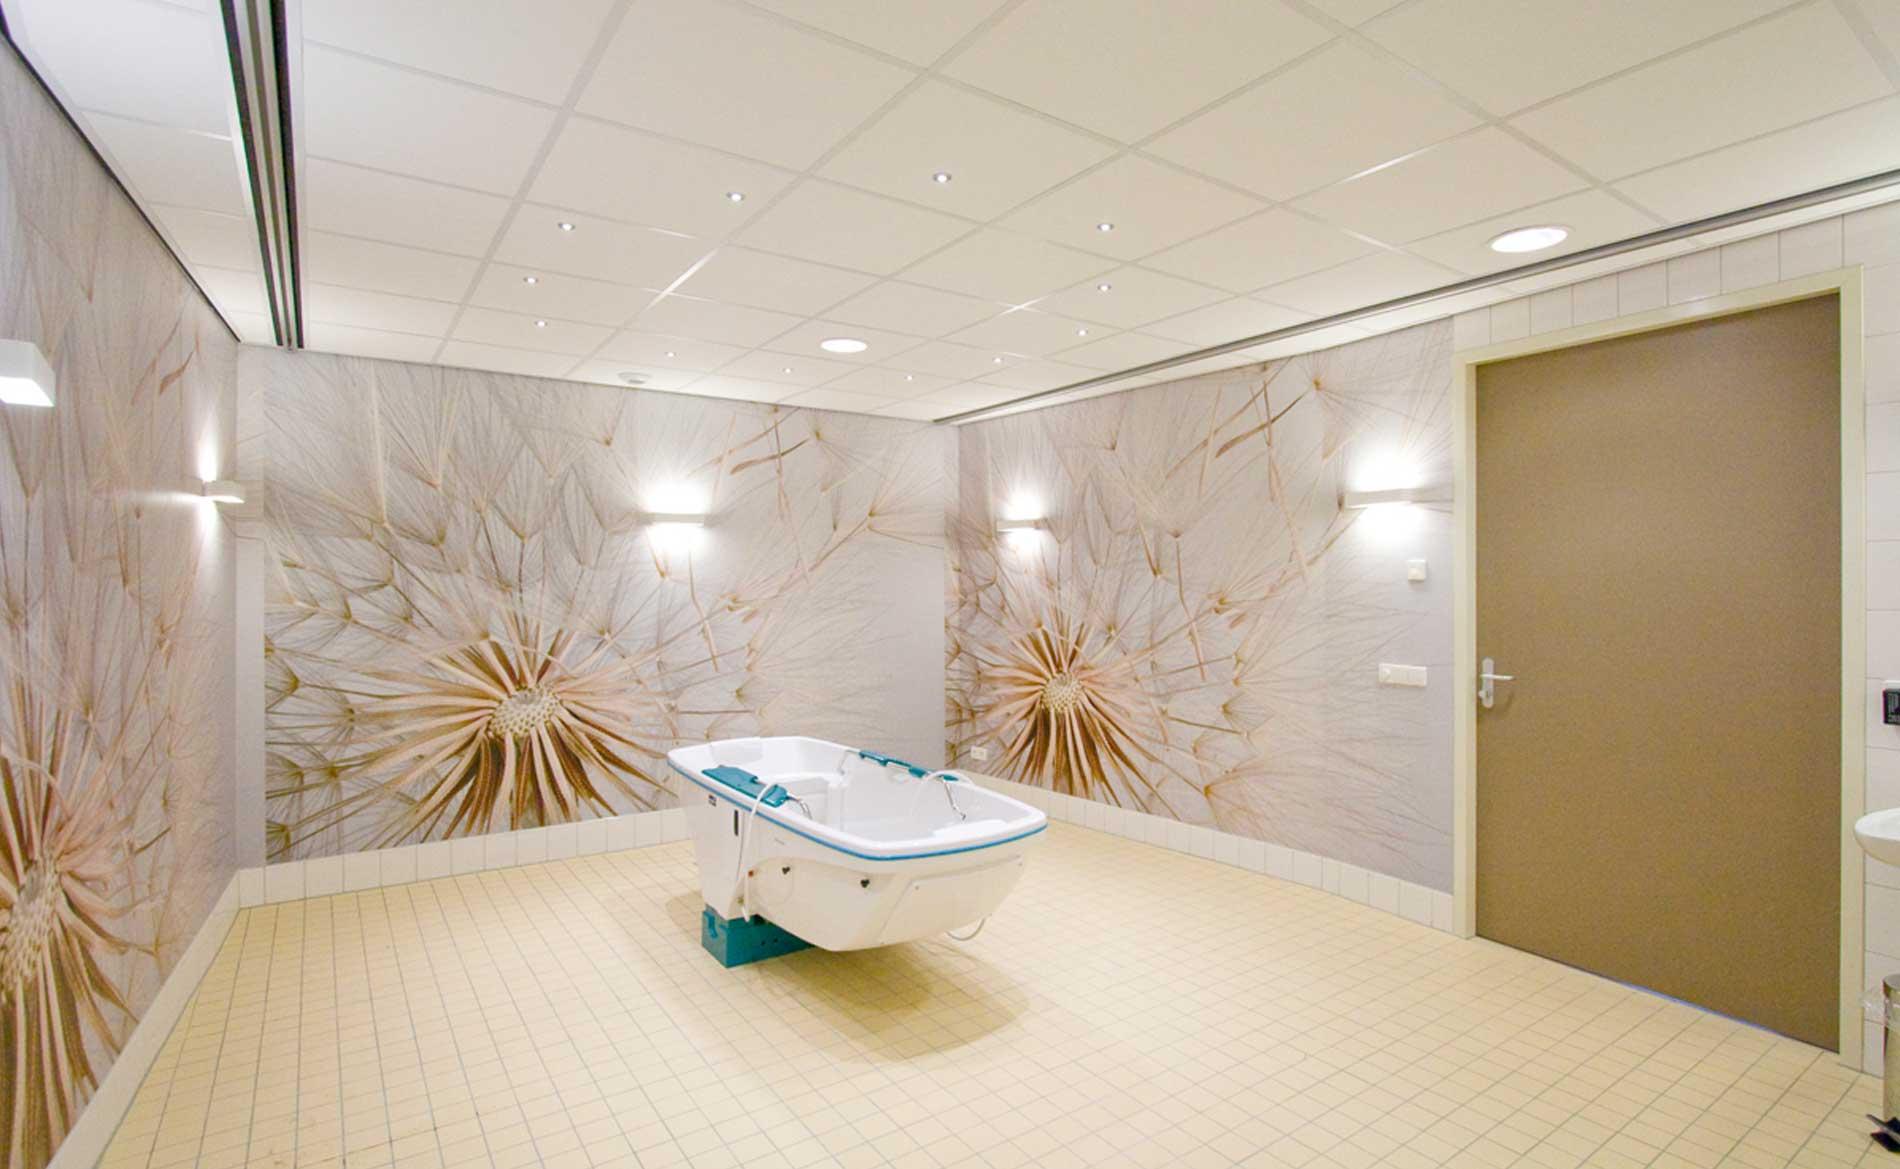 architect Verpleeghuis woonzorgcentrum woonzorgebouw De Zeester Den Helder BBHD architecten architectuur herstructurering zorg